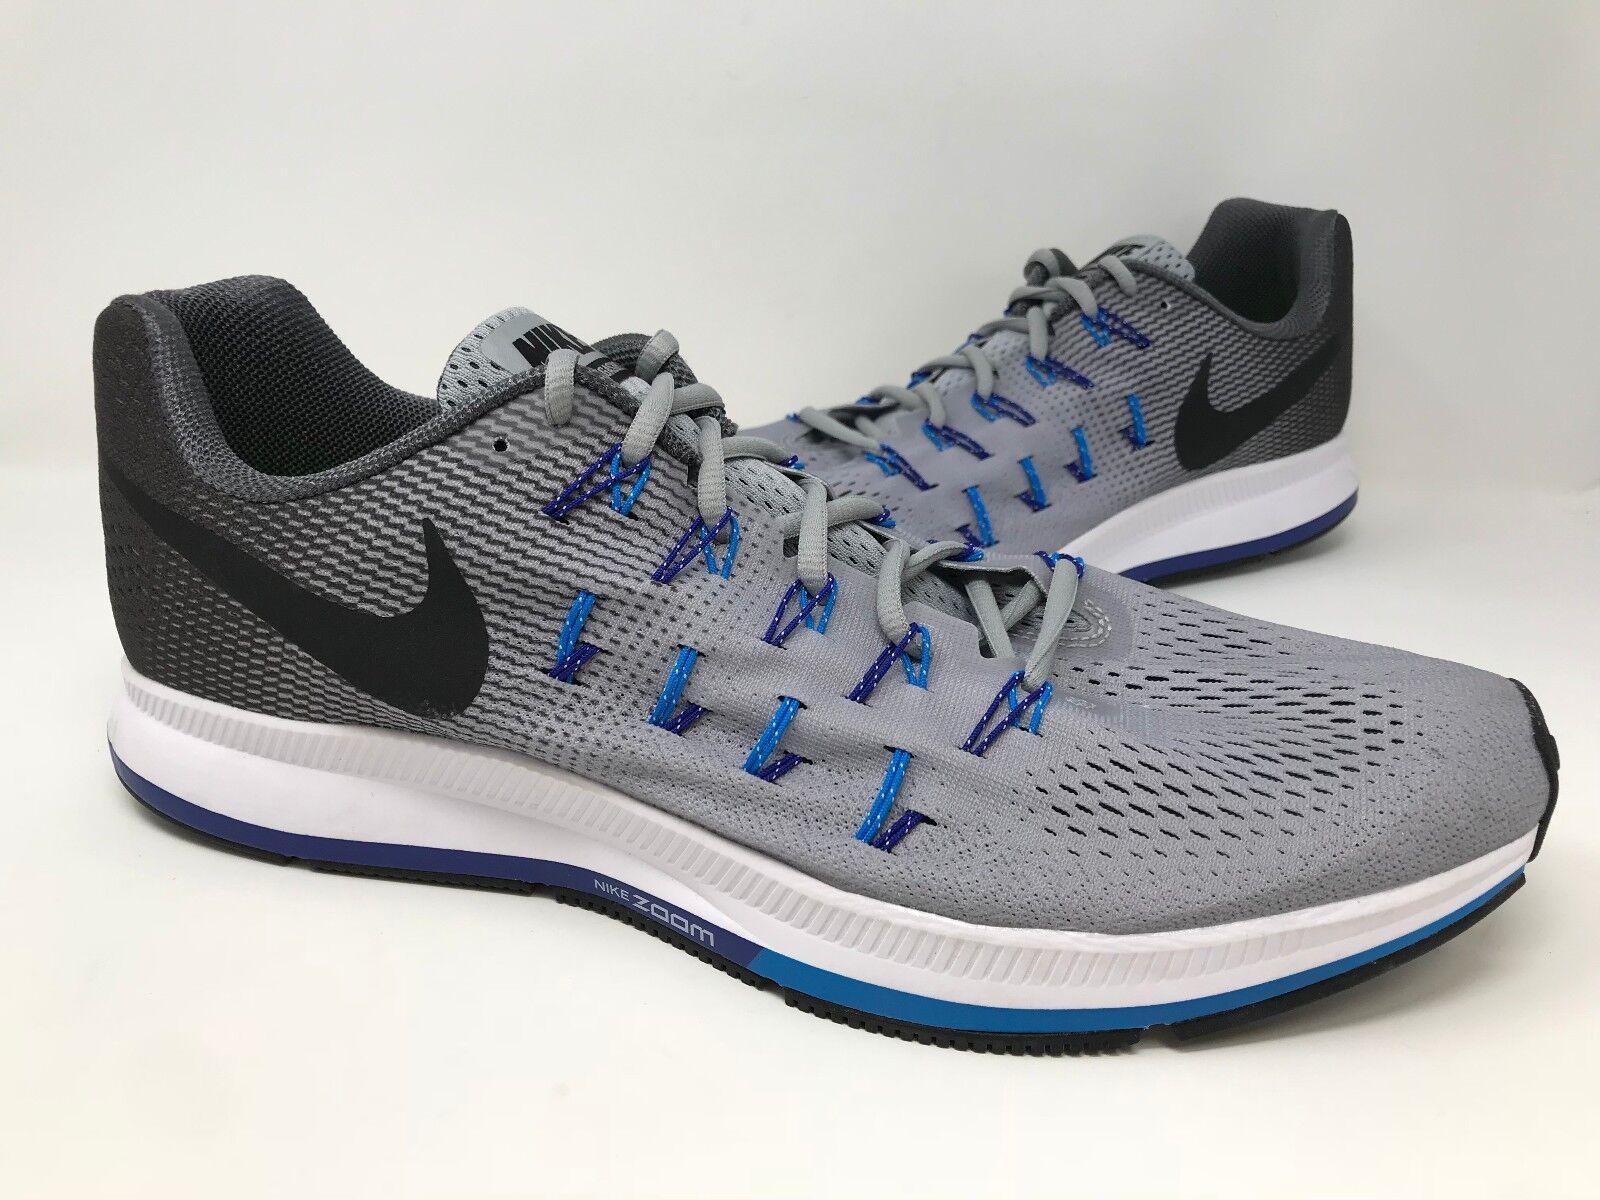 Di nuovo!uomini 831352-004 nike air zoom pegasus 33 scarpe scarpe 33 da corsa grigio / blu / nero o43 d19951